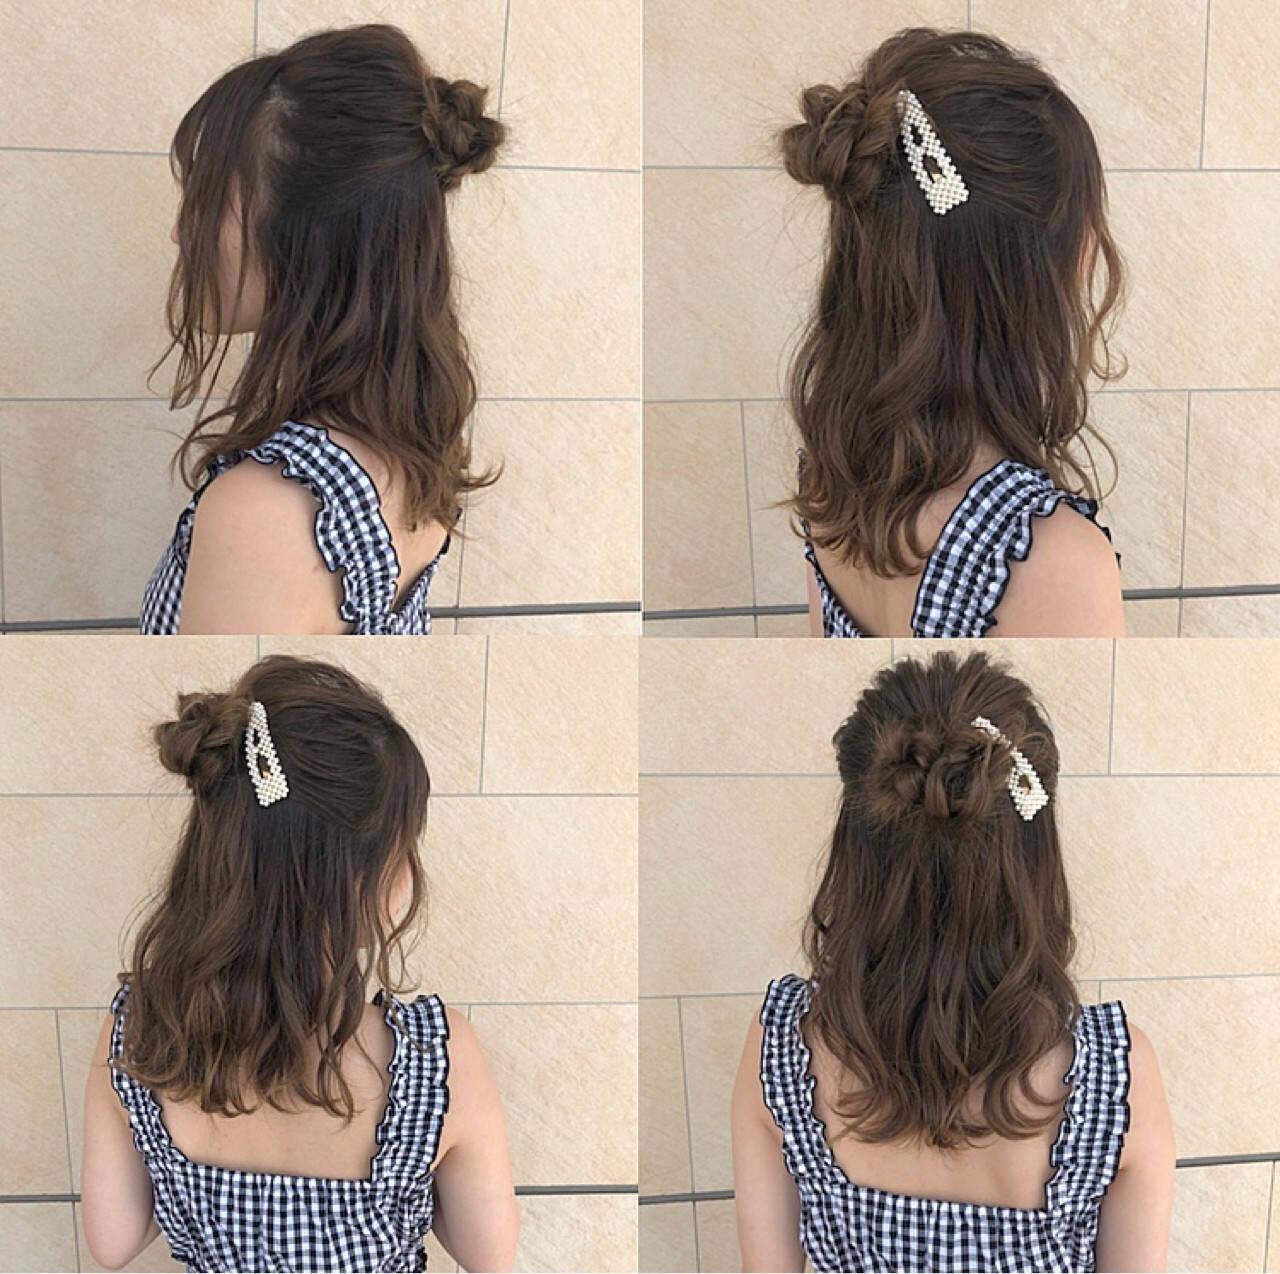 フェミニン ヘアアレンジ ミディアム ハイライトヘアスタイルや髪型の写真・画像